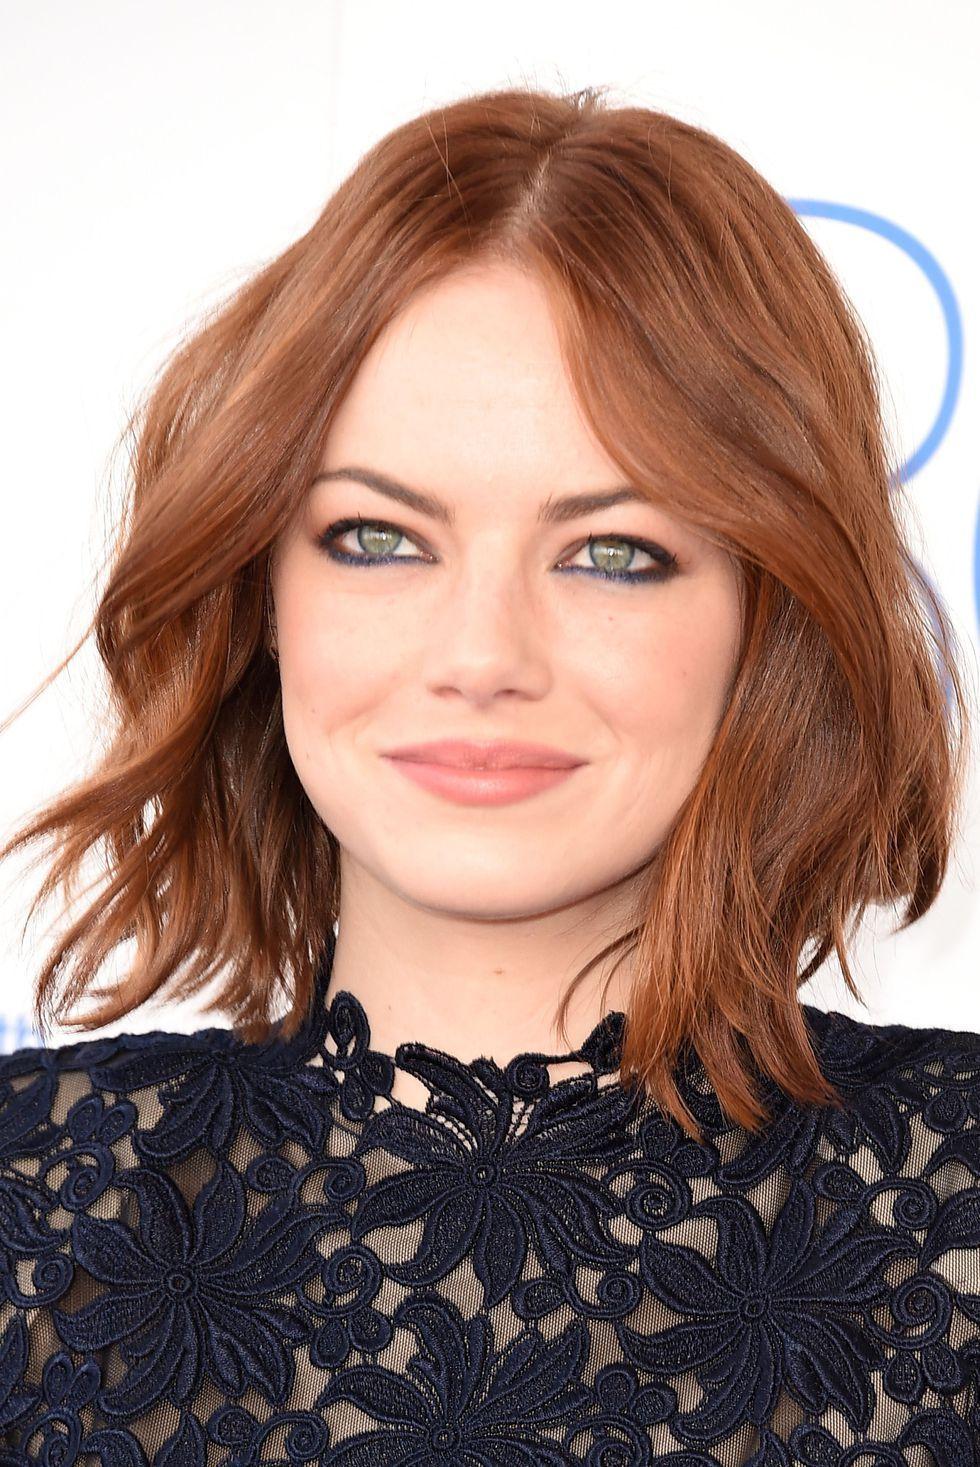 Mỹ nhân Hollywood gợi ý 10 kiểu tóc xoăn đẹp cho từng dáng mặt - Ảnh 10